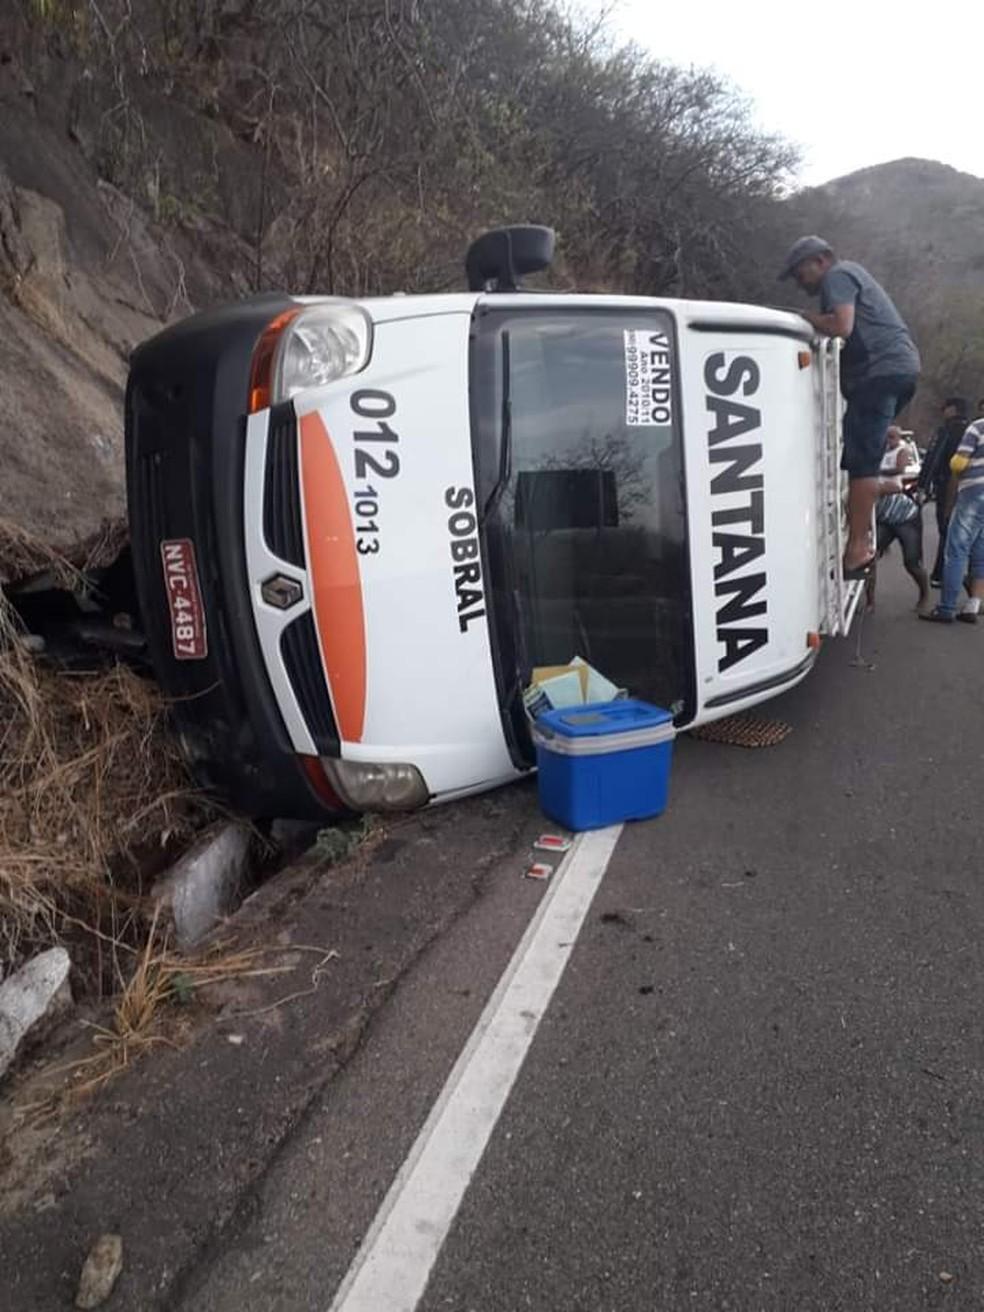 Motorista perde o controle e tomba van na CE-440, no Ceará. — Foto: Arquivo pessoal